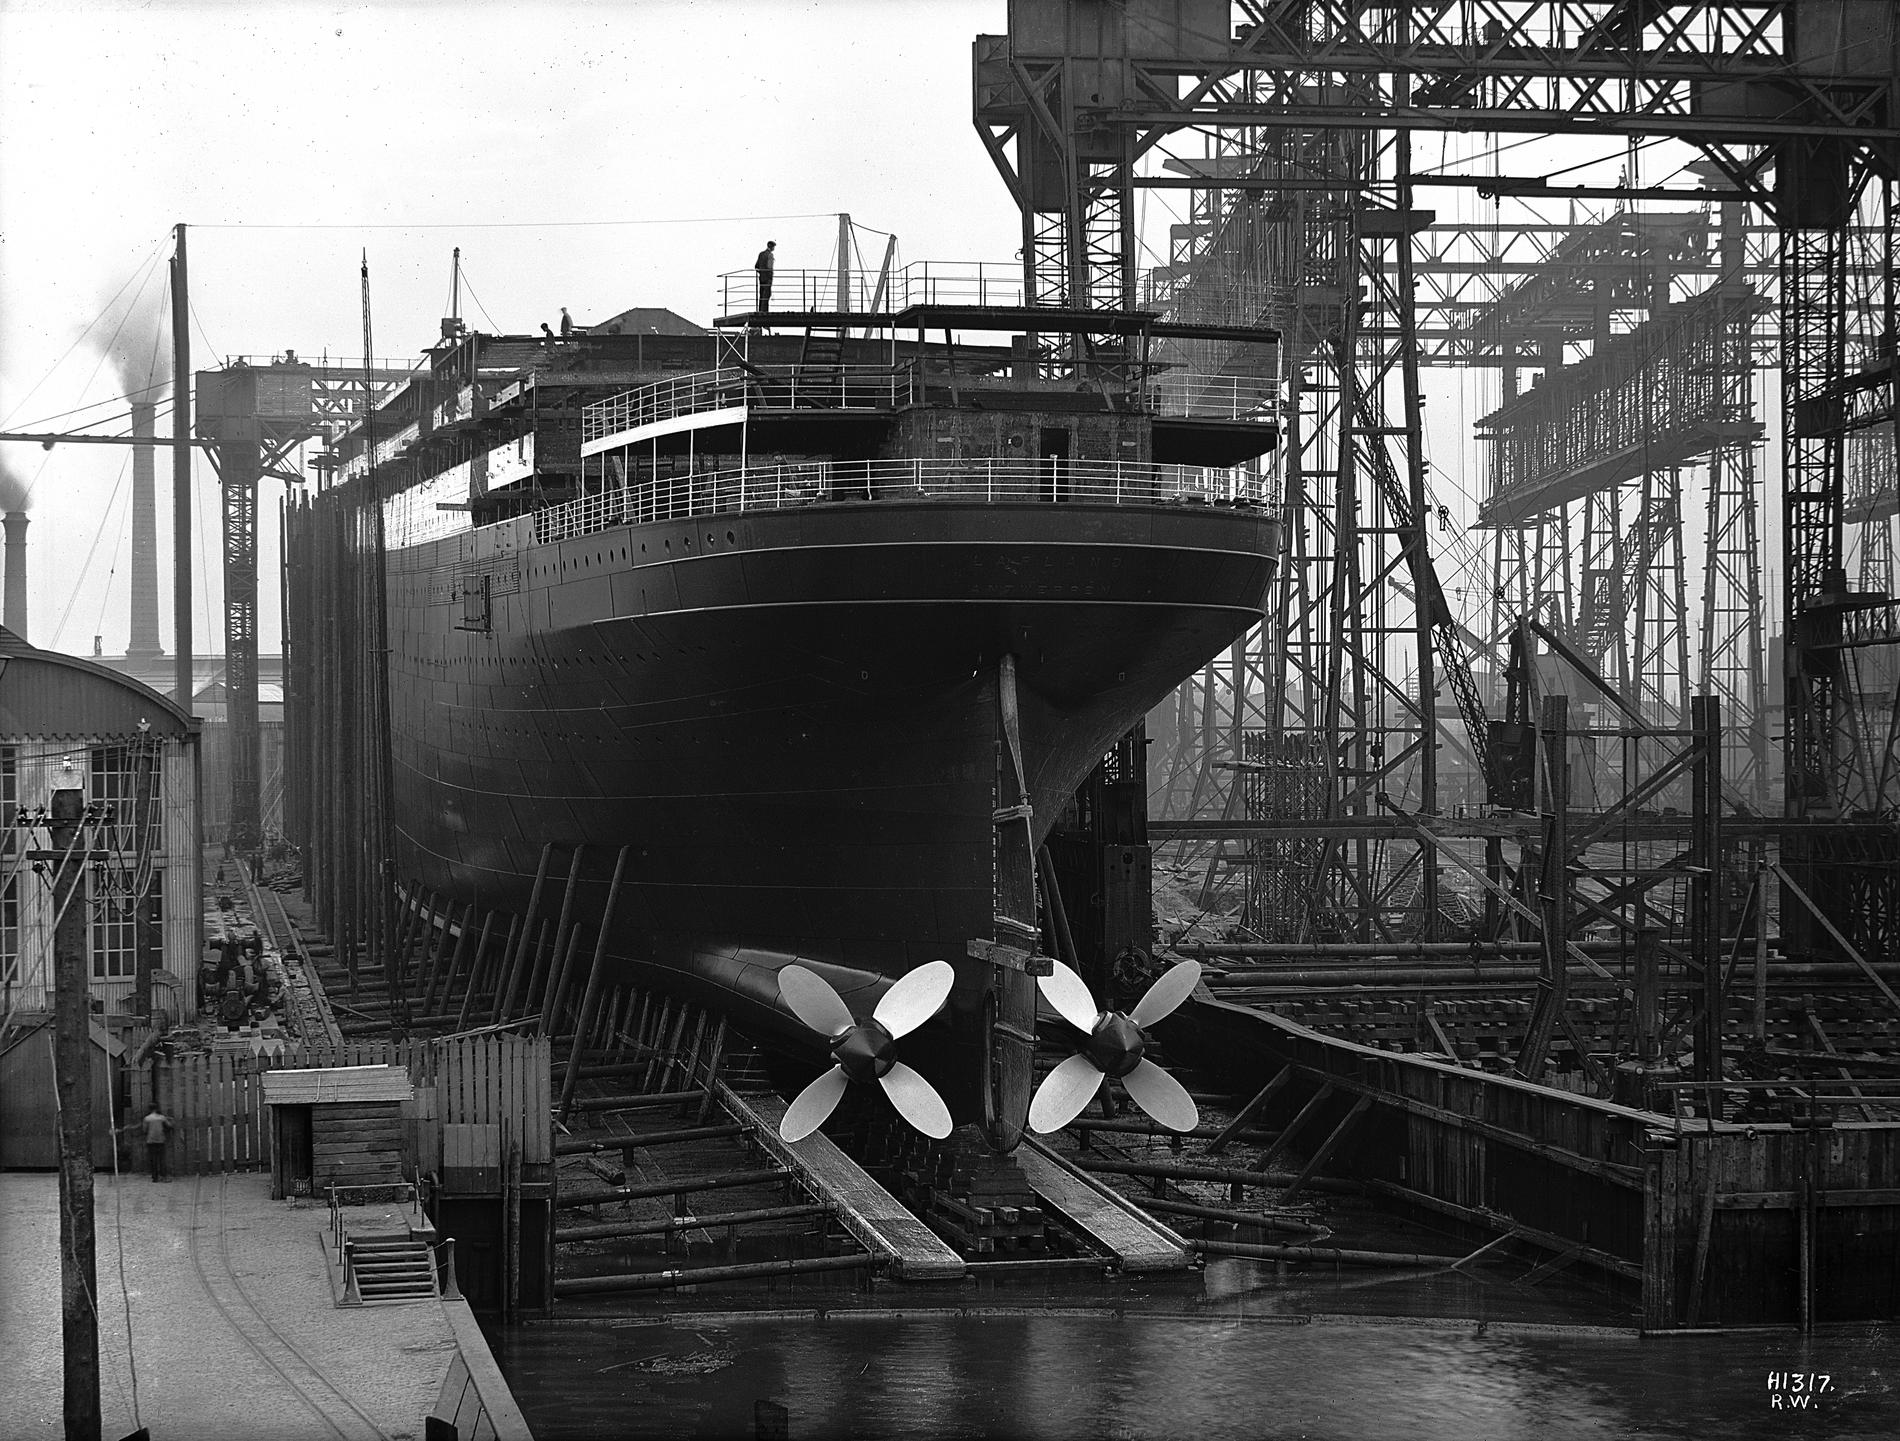 Спуск на воду парохода «Lapland», 27 июня 1908. Хорошо видны спусковые дорожки, идентичные тем, по которым спускали «Титаник». Source: NMNI.